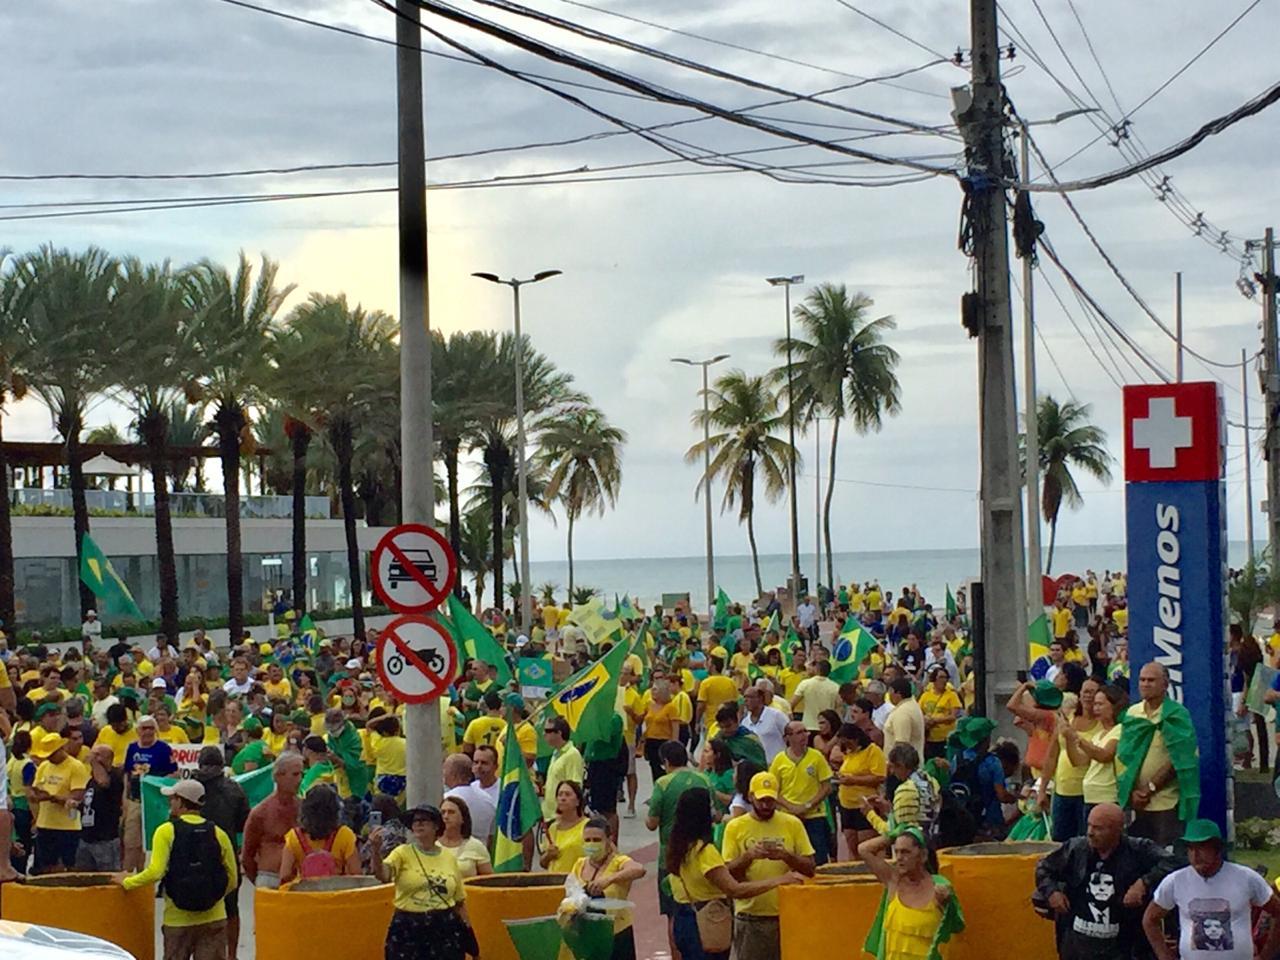 WhatsApp Image 2020 03 15 at 16.37.28 - '#DesculpaJairMasEuVou': apesar de coronavírus, apoiadores mantém atos pró-Bolsonaro na Paraíba e em outros estados; VEJA VÍDEO